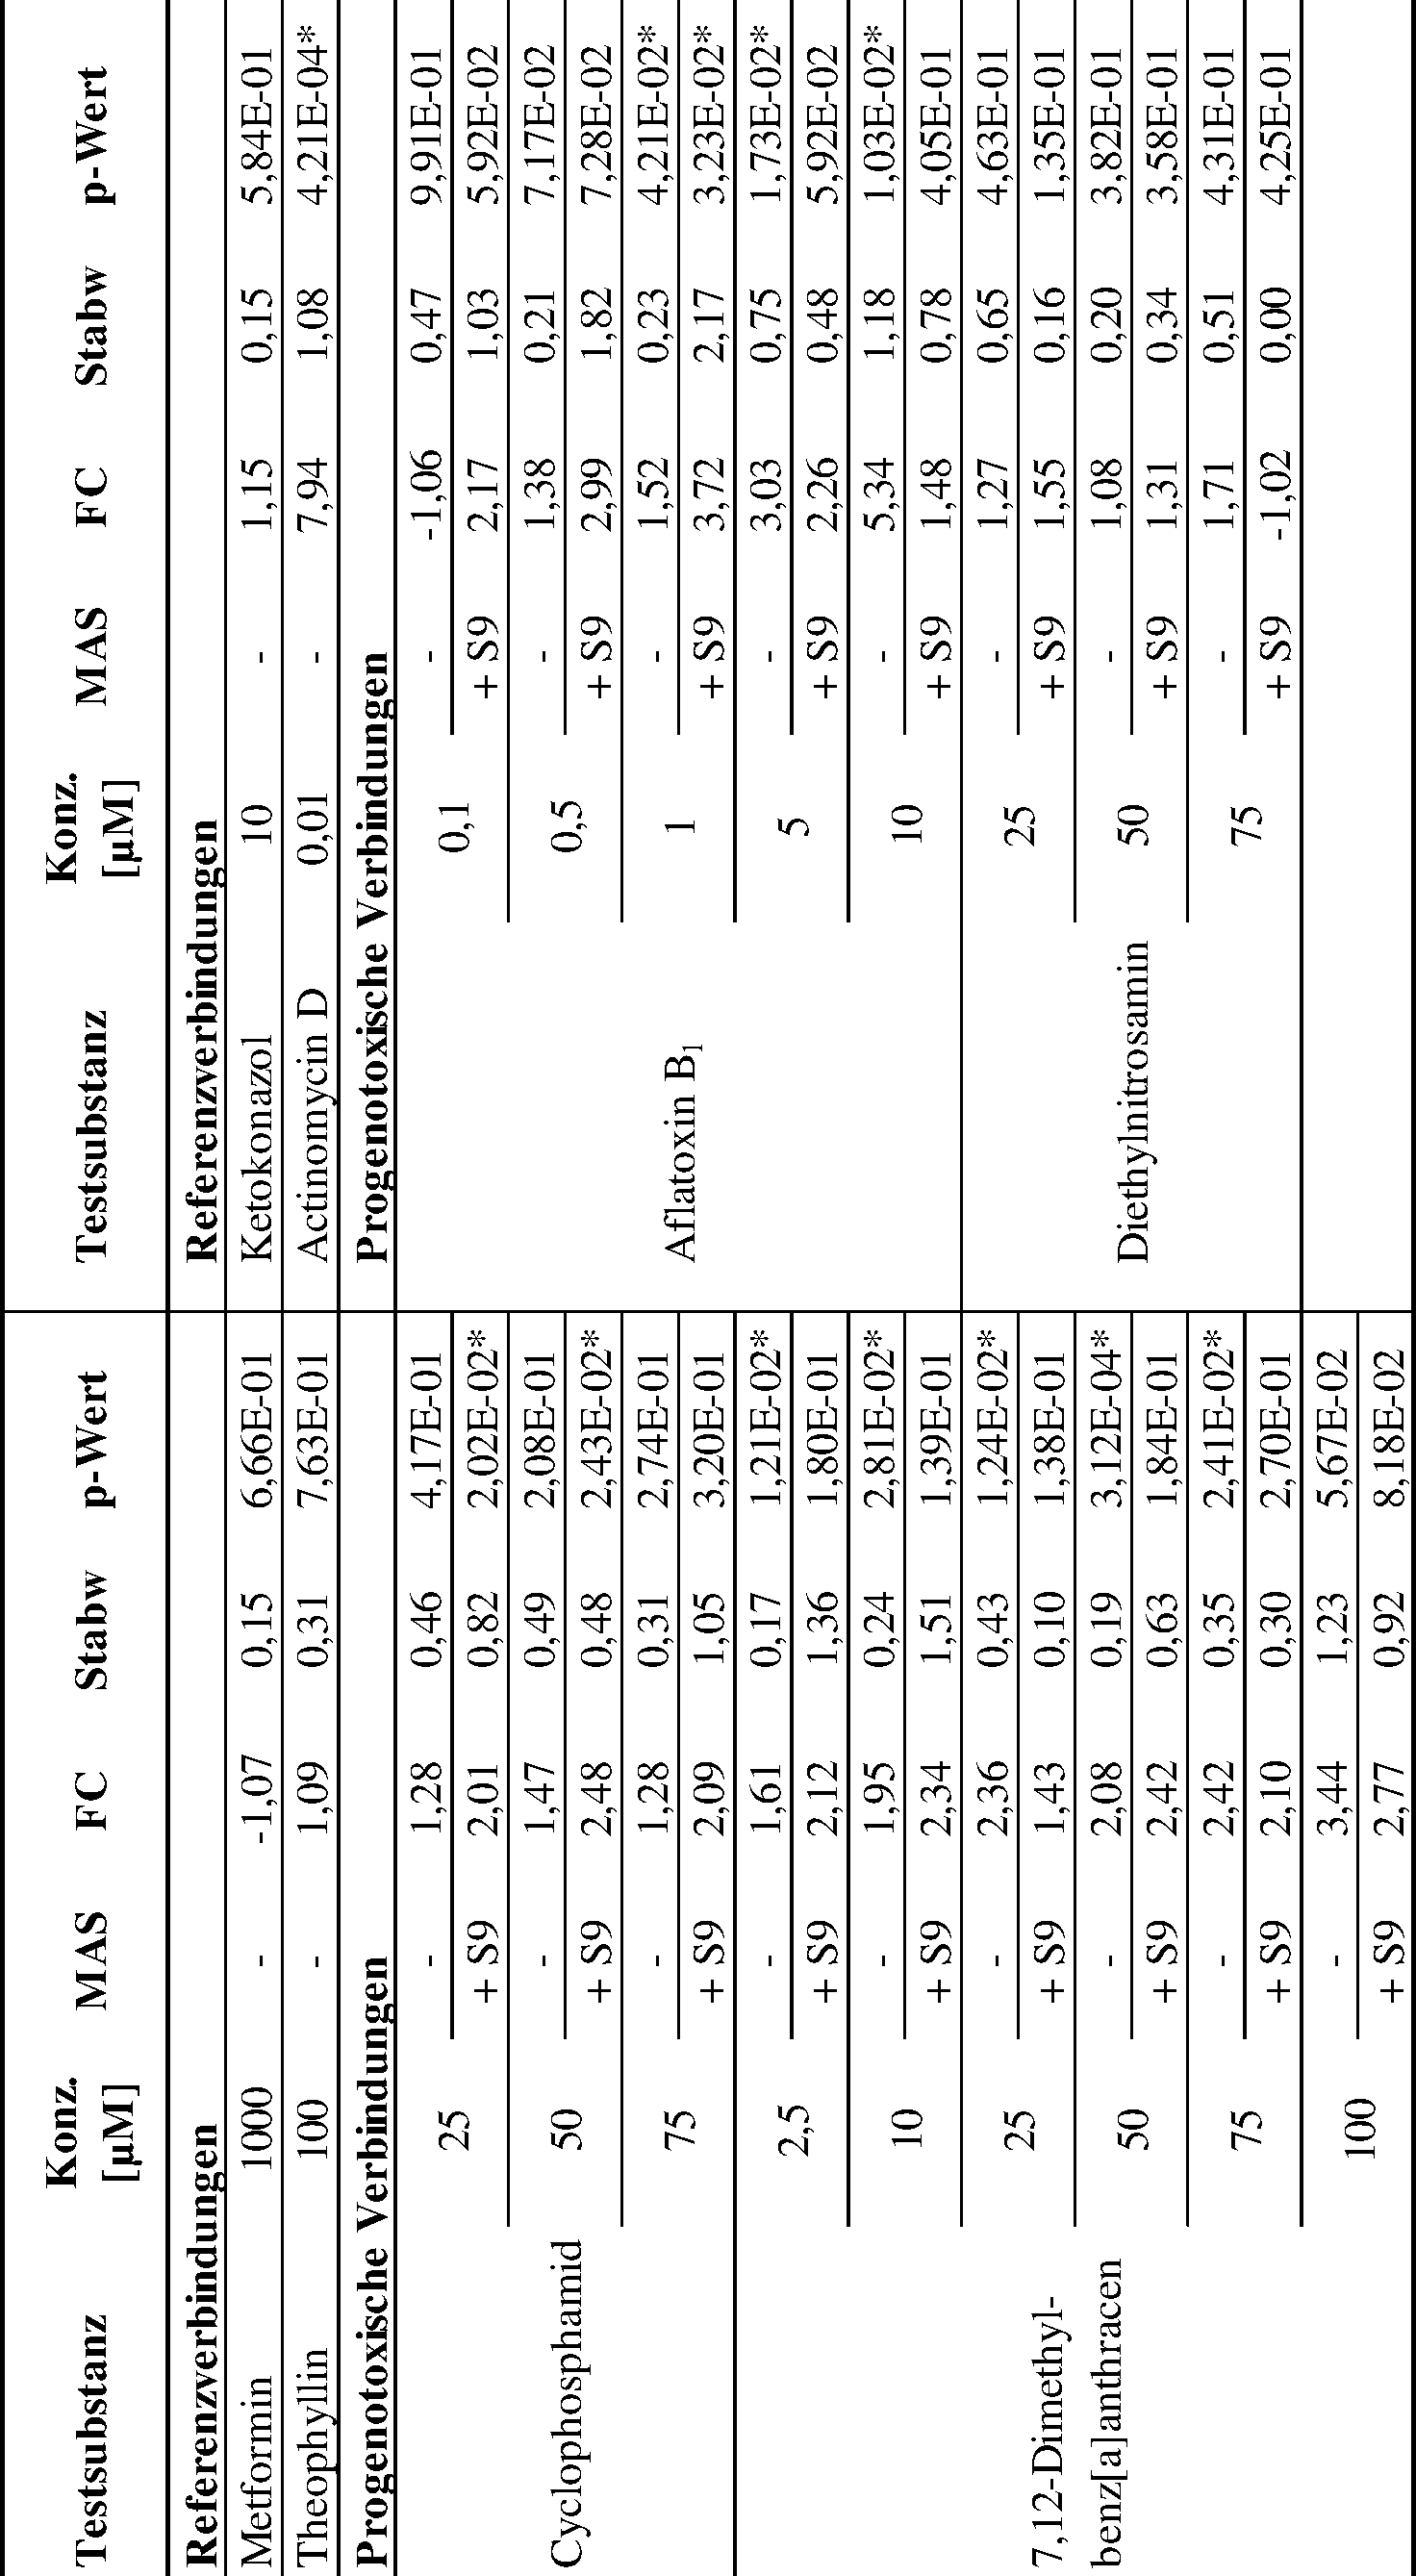 De102010024898b4 Genexpressionsanalysen Zur Charakterisierung Und